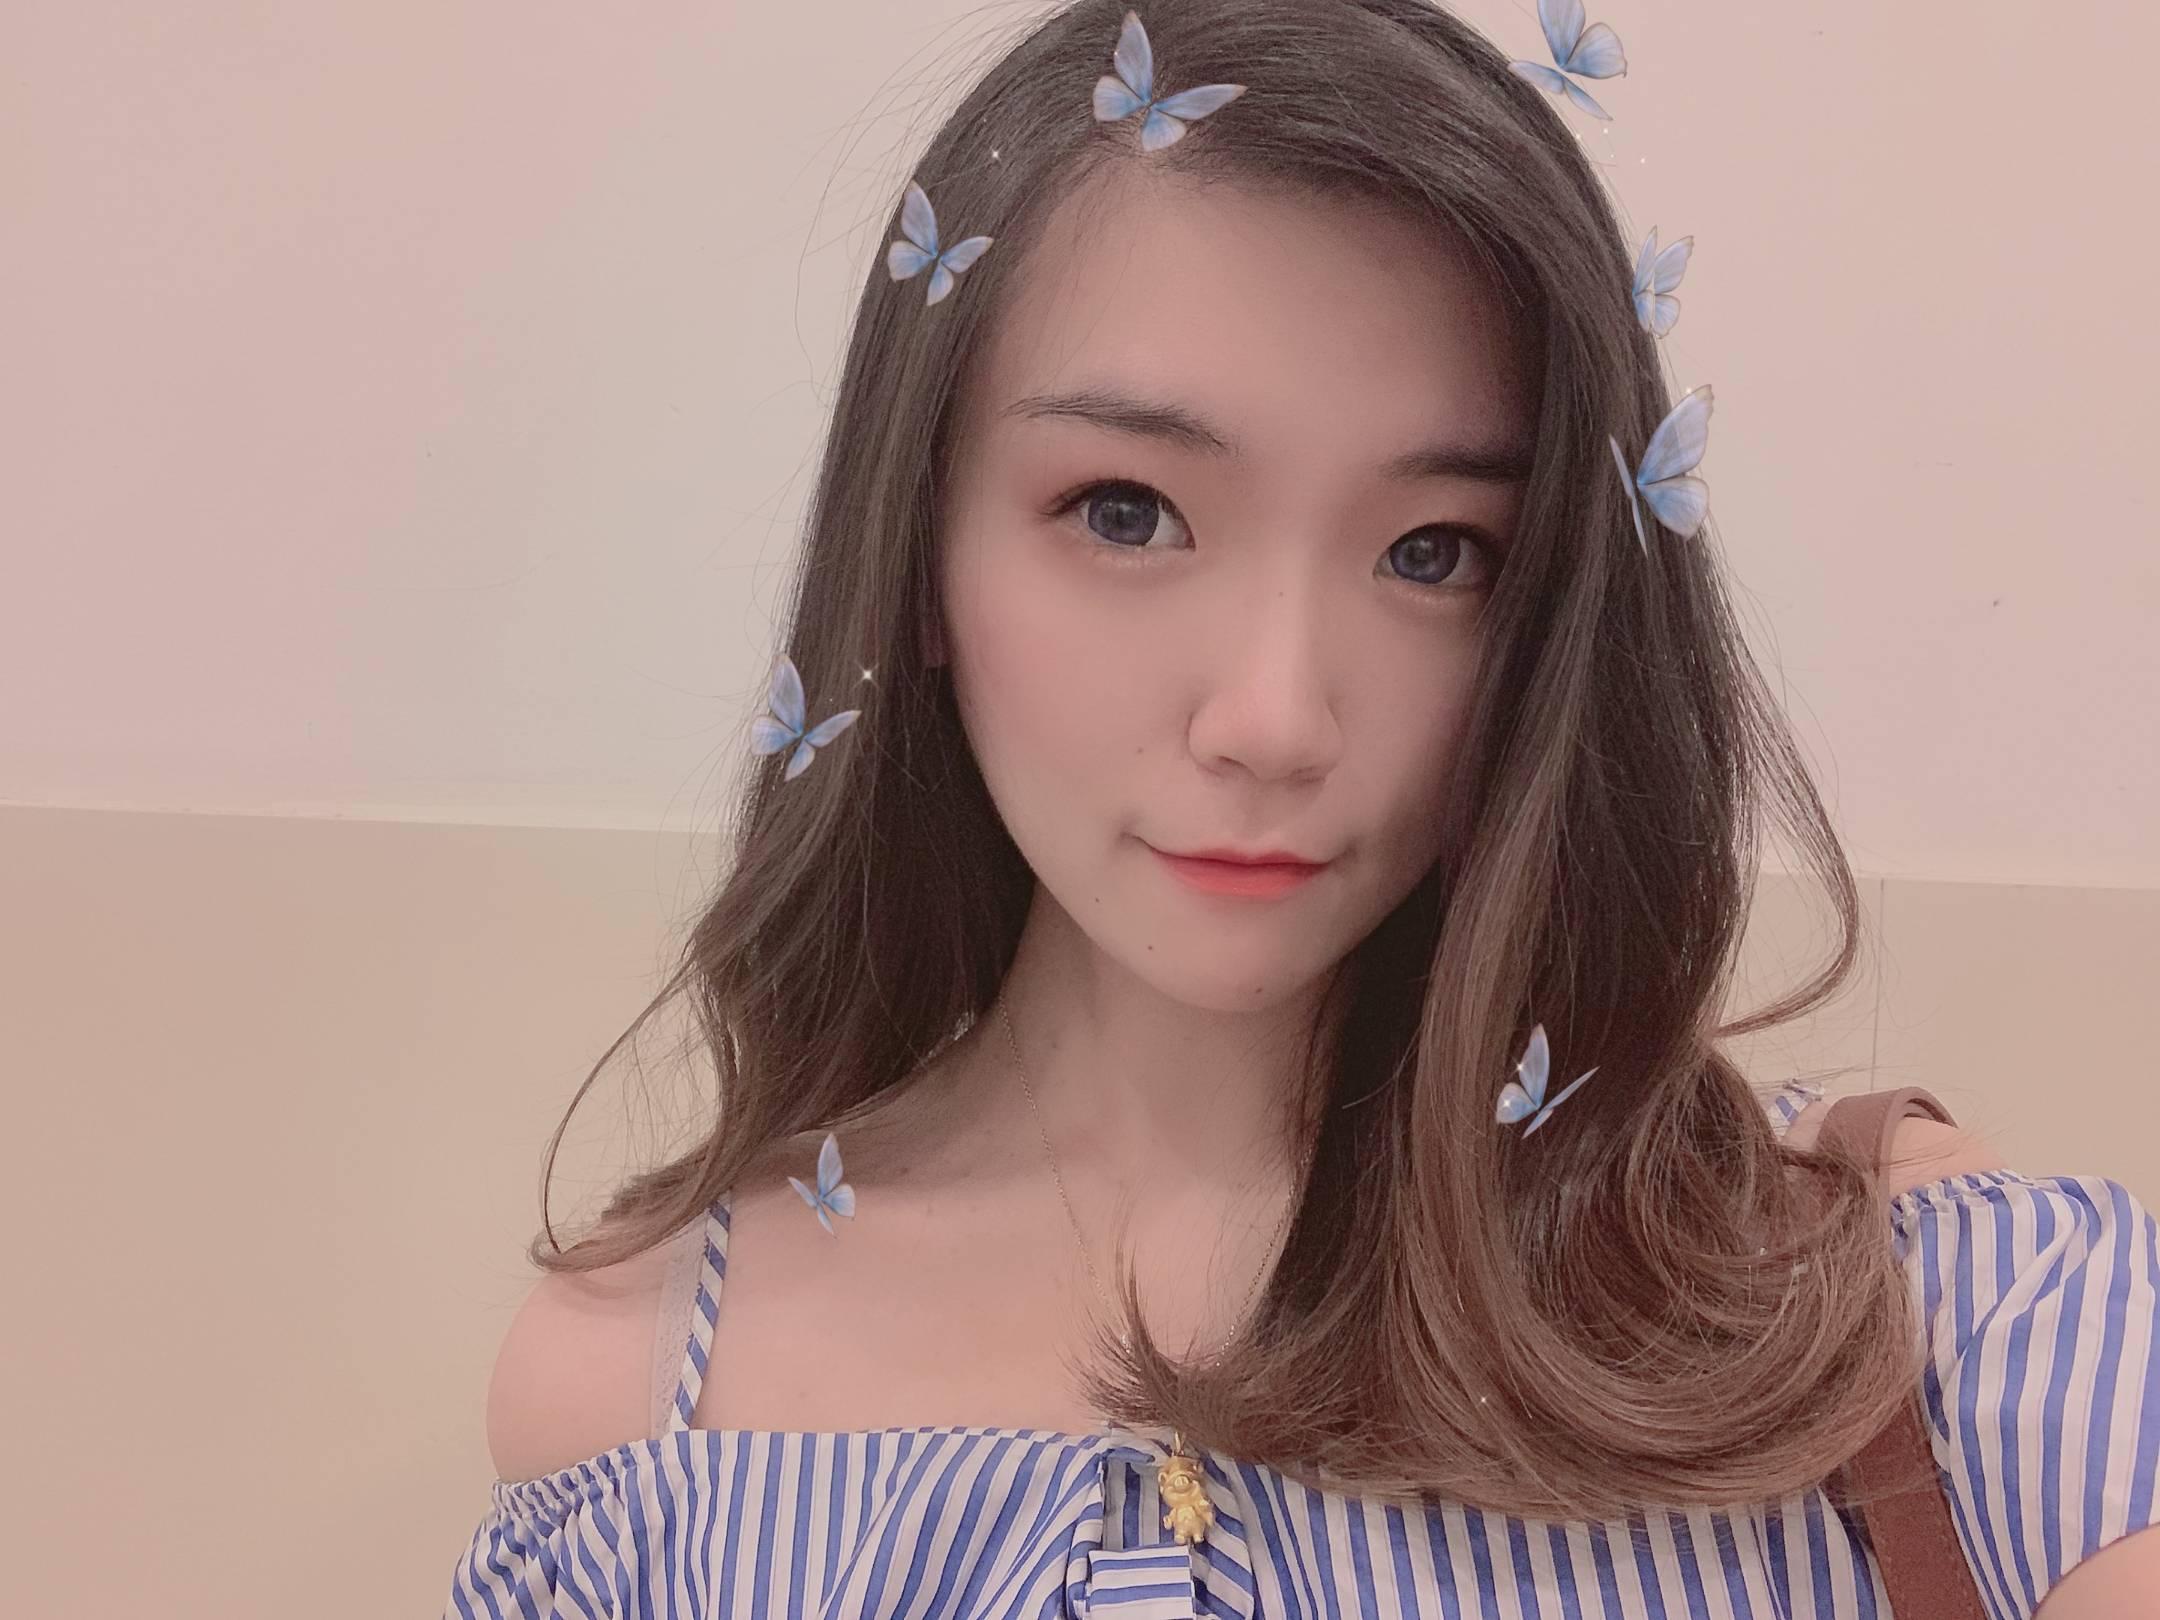 上海  天蝎座,目前在一家外企广告公司做HR,性格活泼开朗,平时喜欢逛街看电影,看展玩密室,也喜欢窝在家看剧看综艺,热爱唱歌,喜欢旅游,认识新的朋友~  喜欢的类型:净身高至少180,阳光帅气,上海人